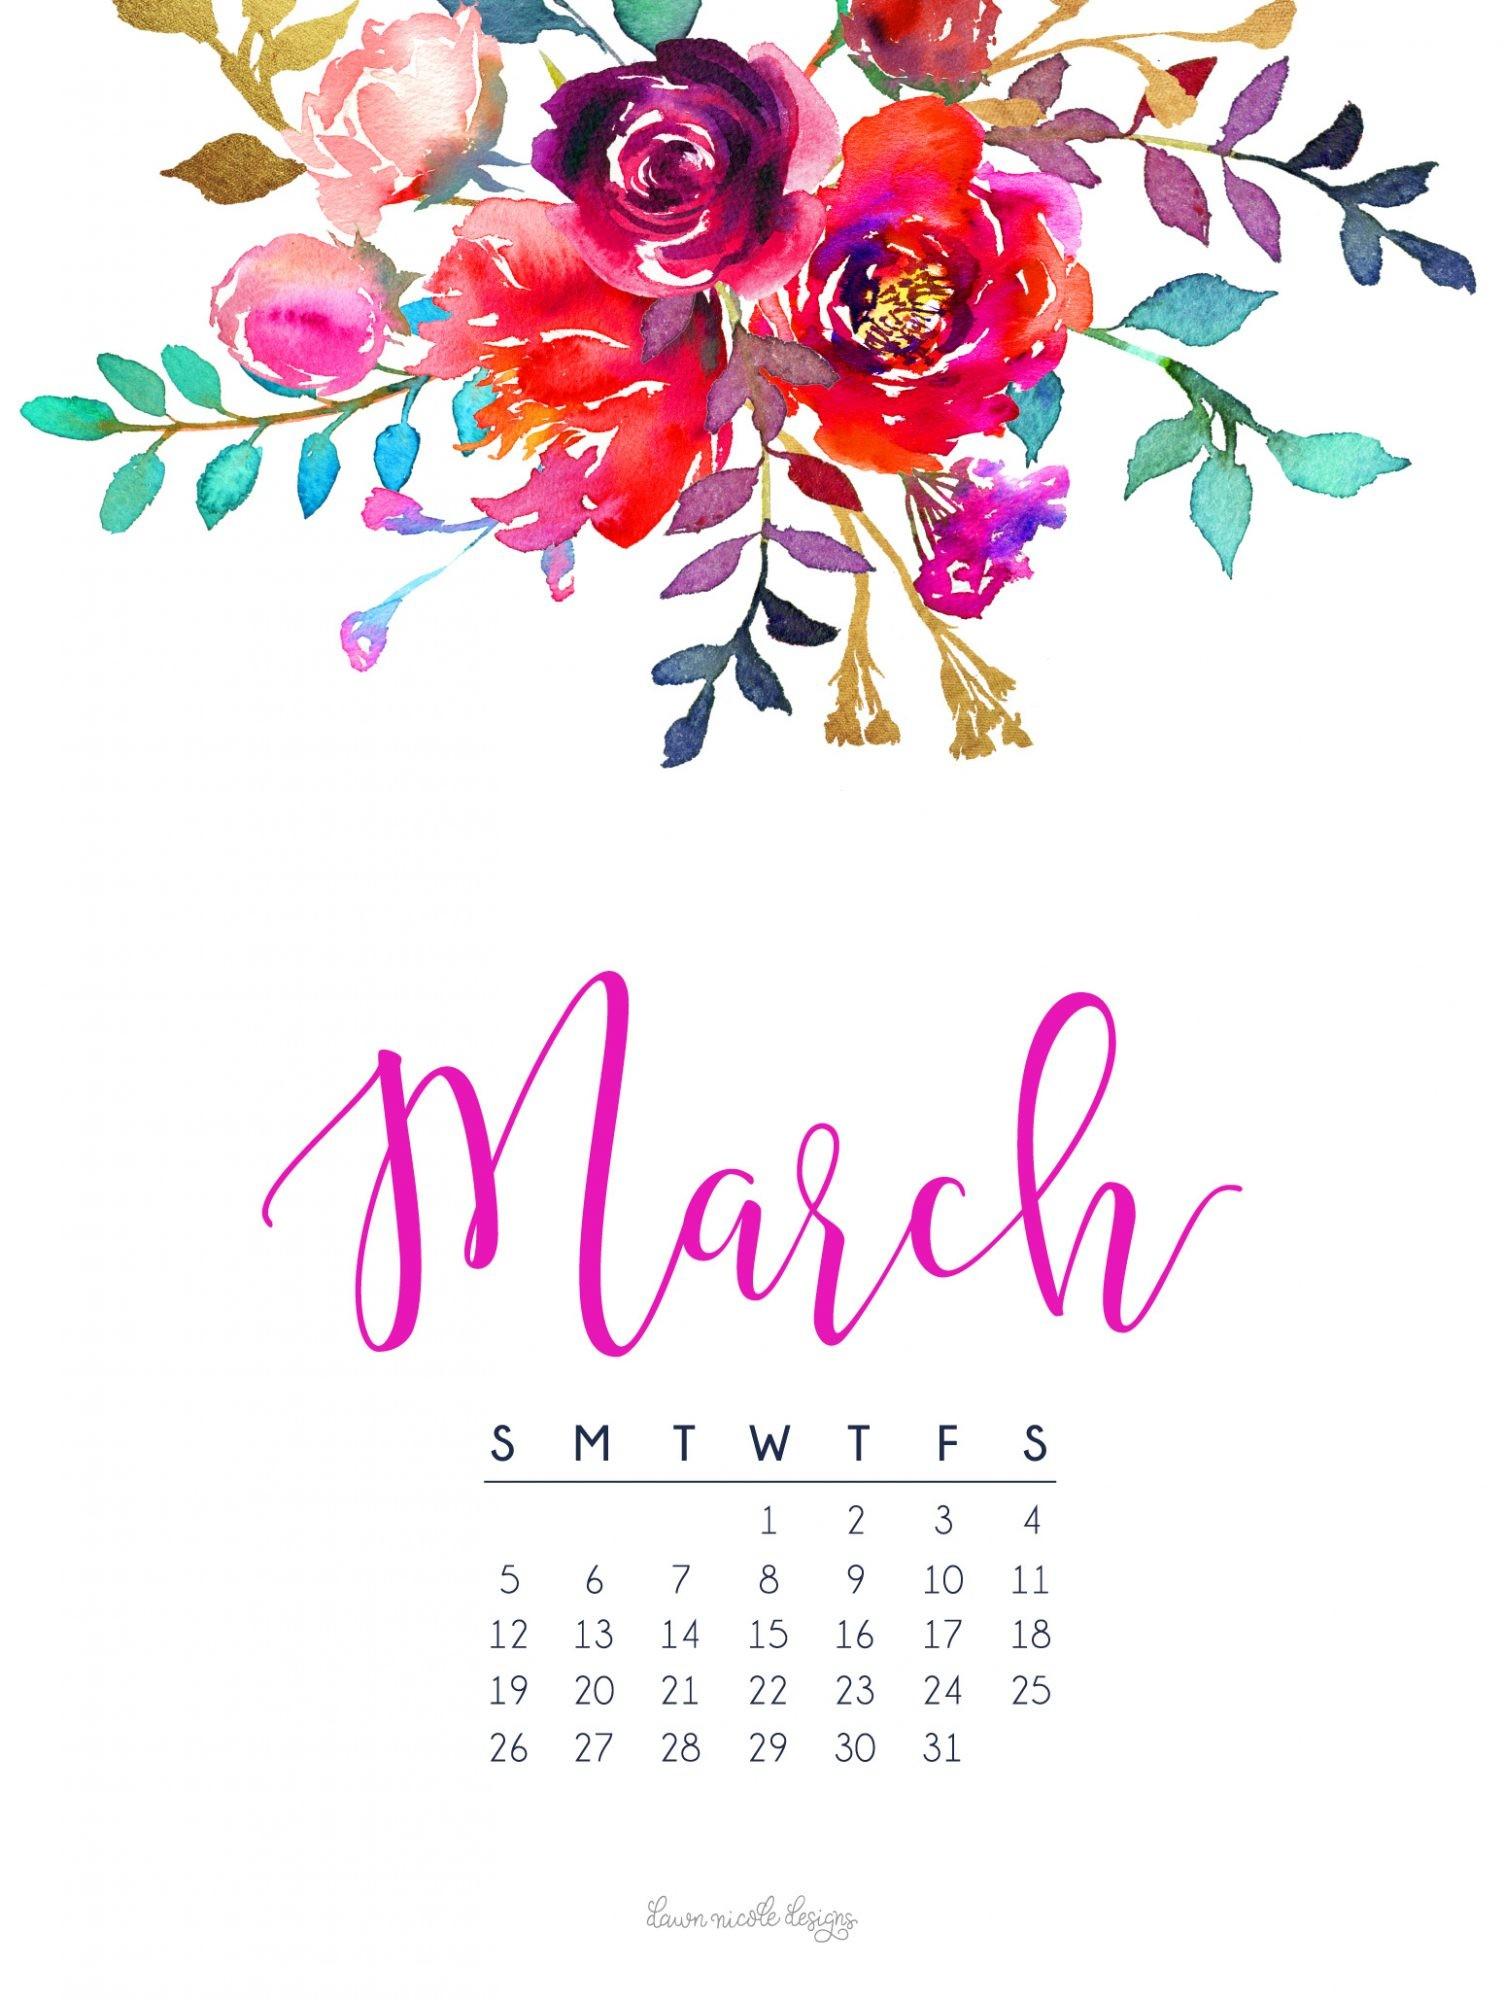 March Calendar Wallpaper Hd : Desktop wallpaper calendar  images